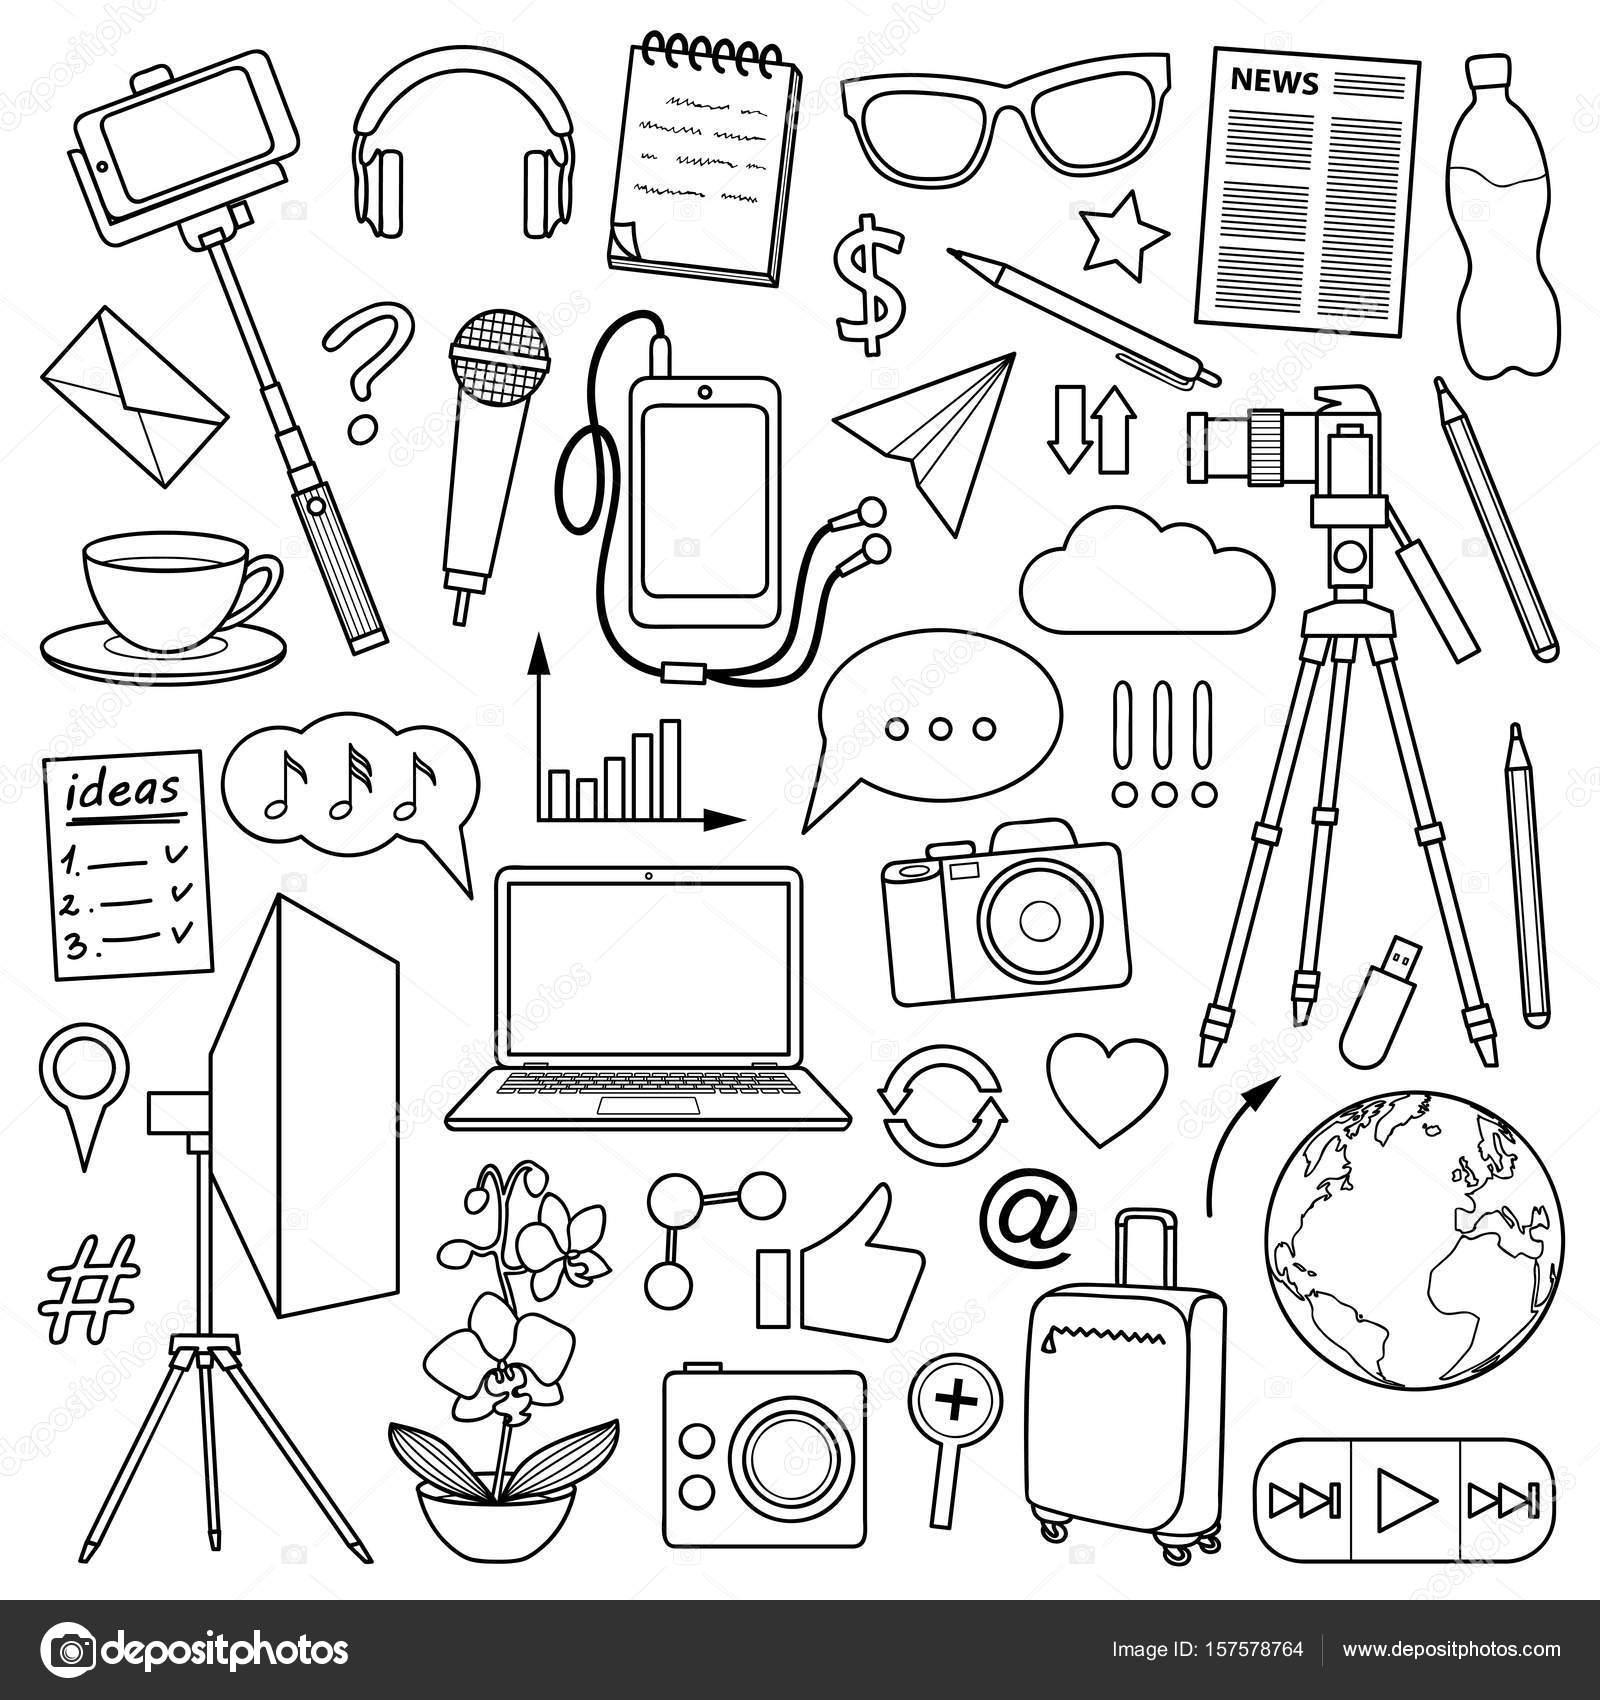 Dibujos Portada De Libros Para Colorear Conjunto Objeto De Blog